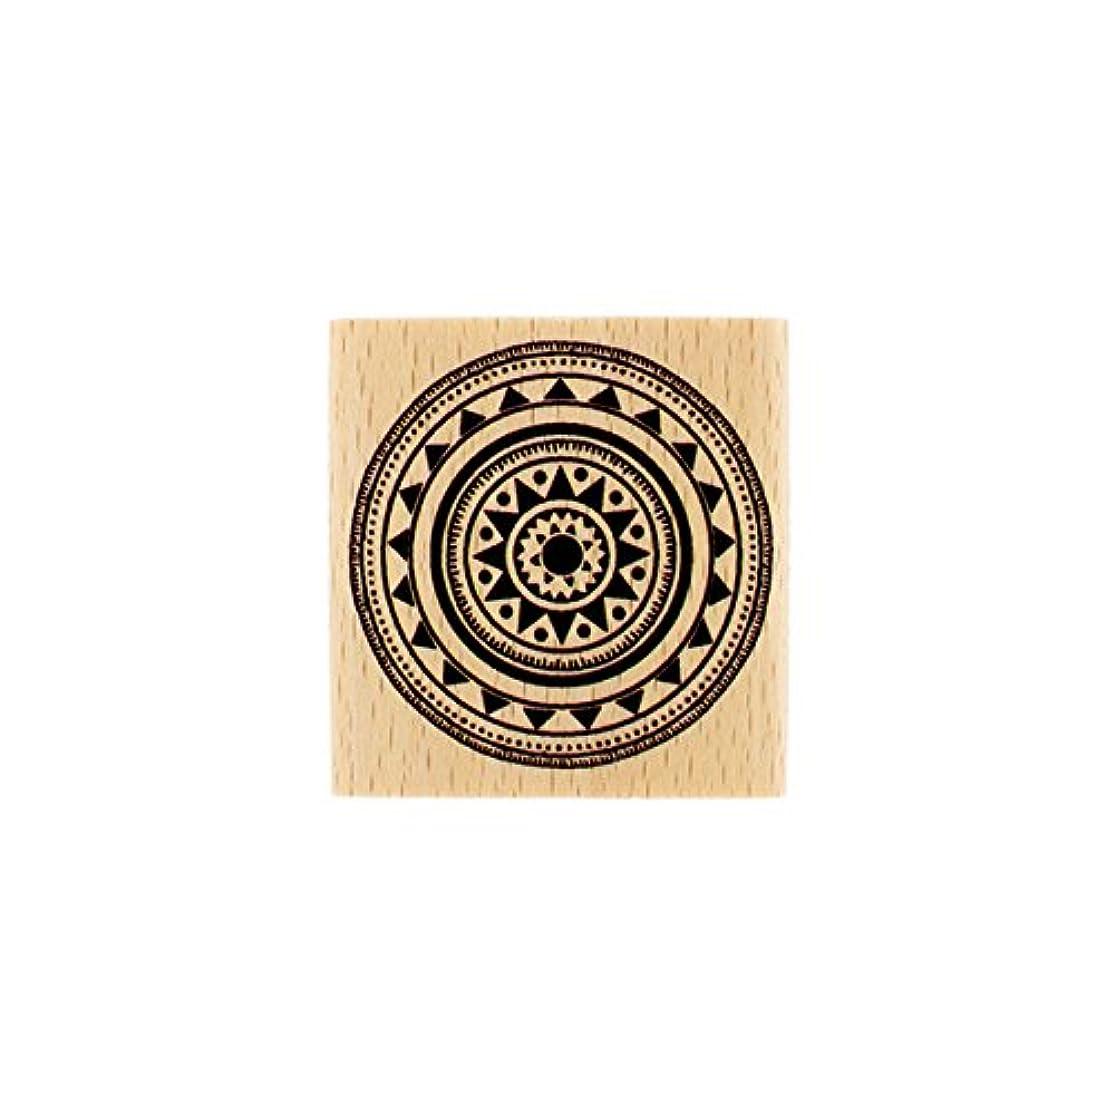 Florilèges Wood Tribal Design fd216004?Stamp Pad 5?x 5?x 2.5?cm kylpjyol7